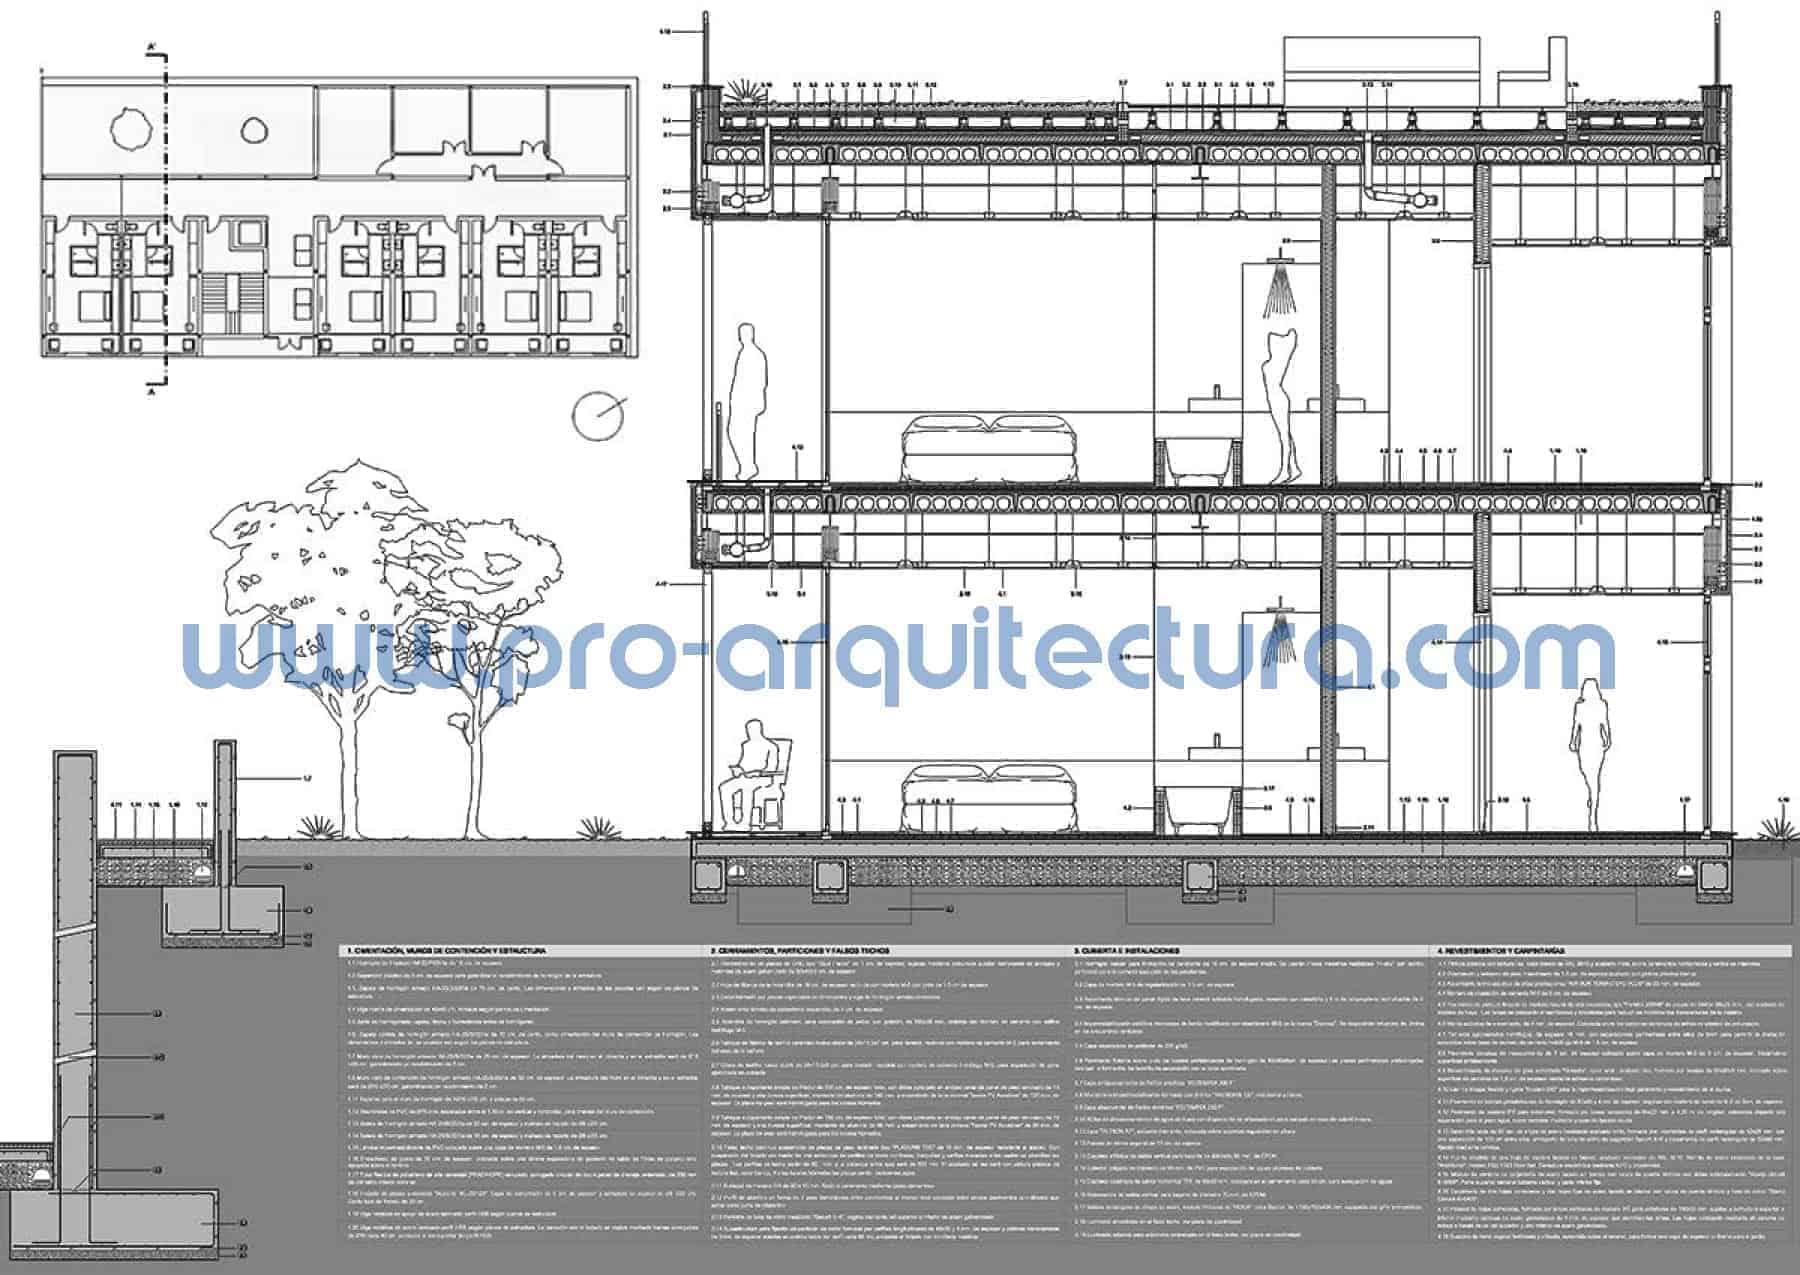 0021-02 Edificio residencial - Hotel. Sección y detalles constructivos - Ayuda con la entrega del pfc pfg tfg tfm de arquitectura.